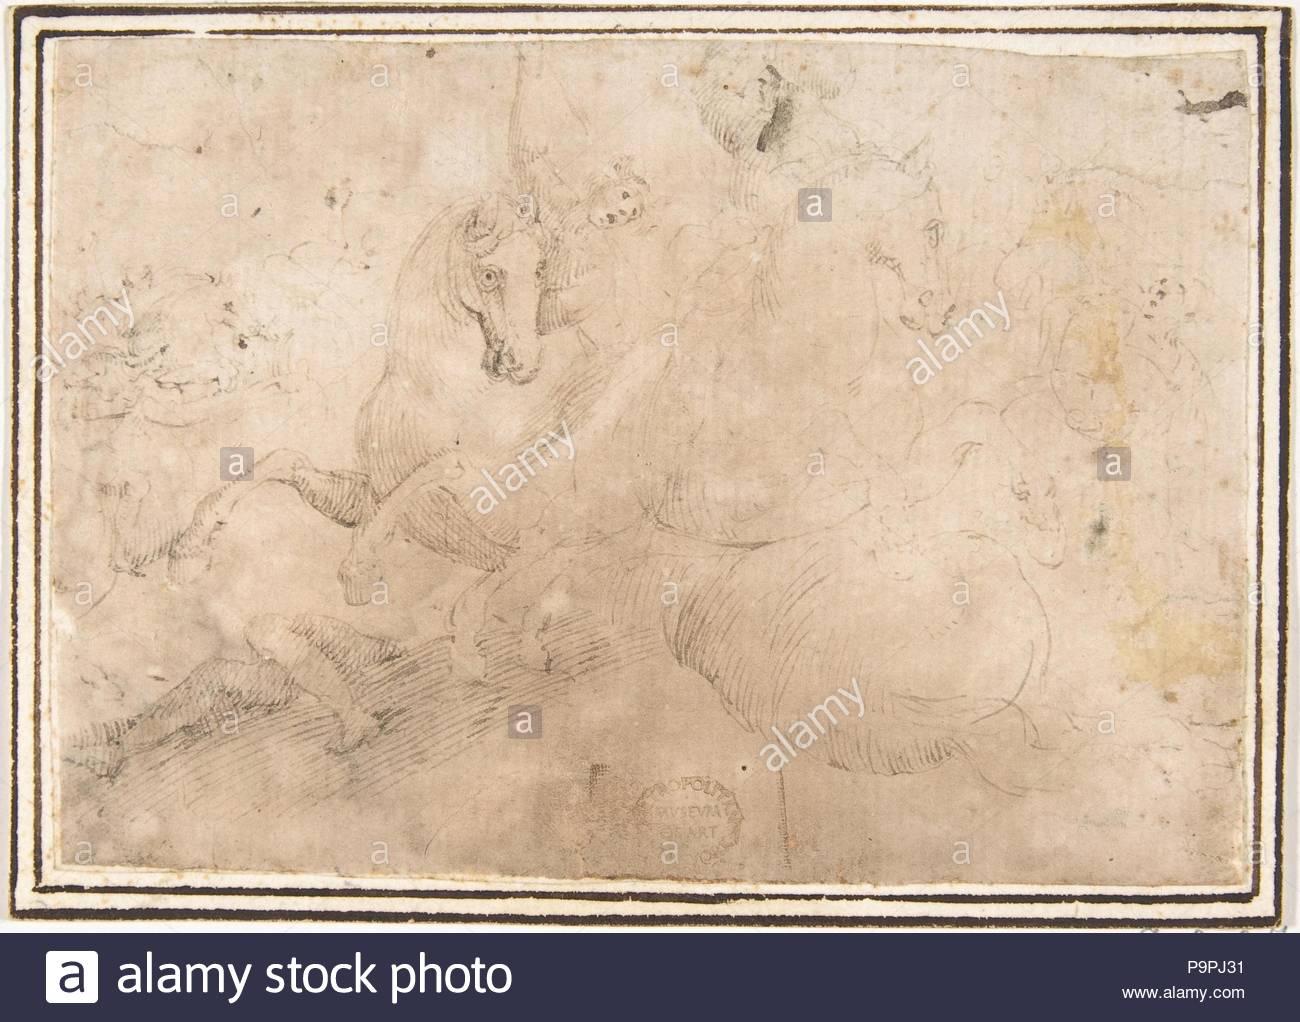 1 12 Cavalry Imágenes De Stock & 1 12 Cavalry Fotos De Stock - Alamy